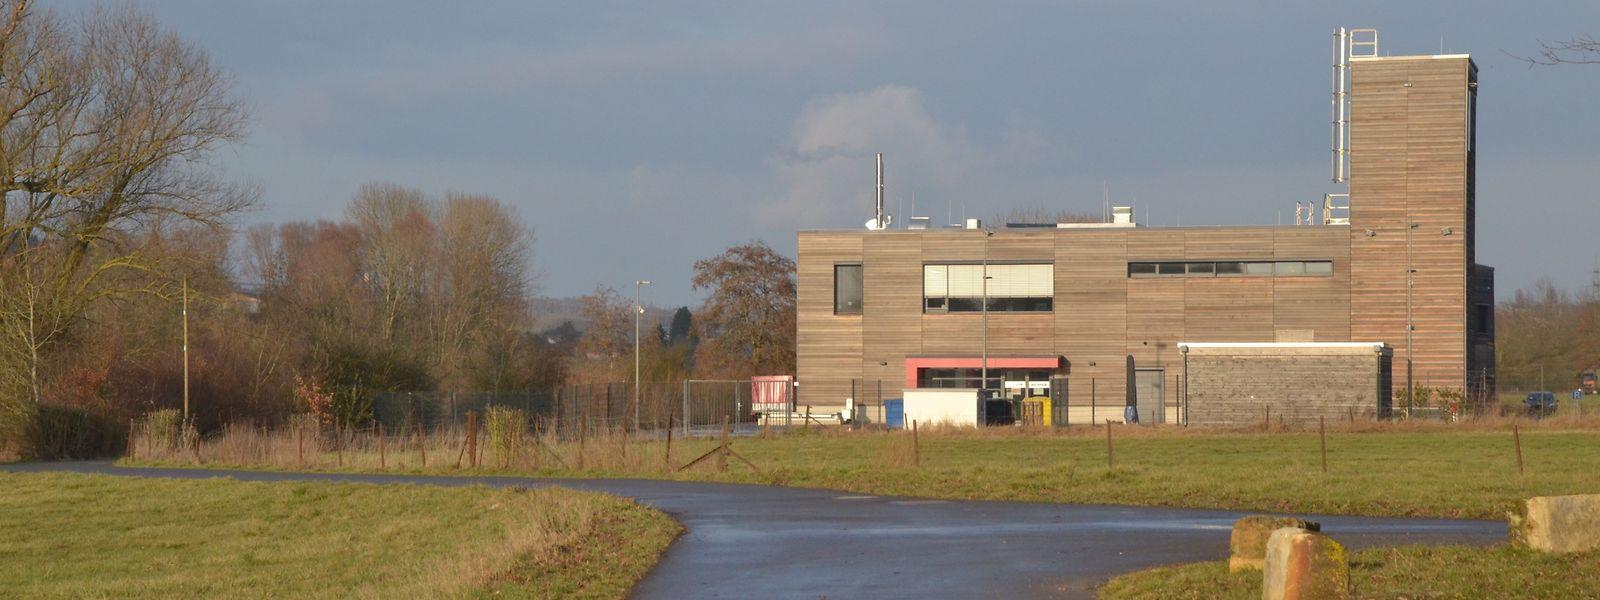 Die zukünftige Radpiste führt am Feuerwehrhaus vorbei in Richtung Itzig.